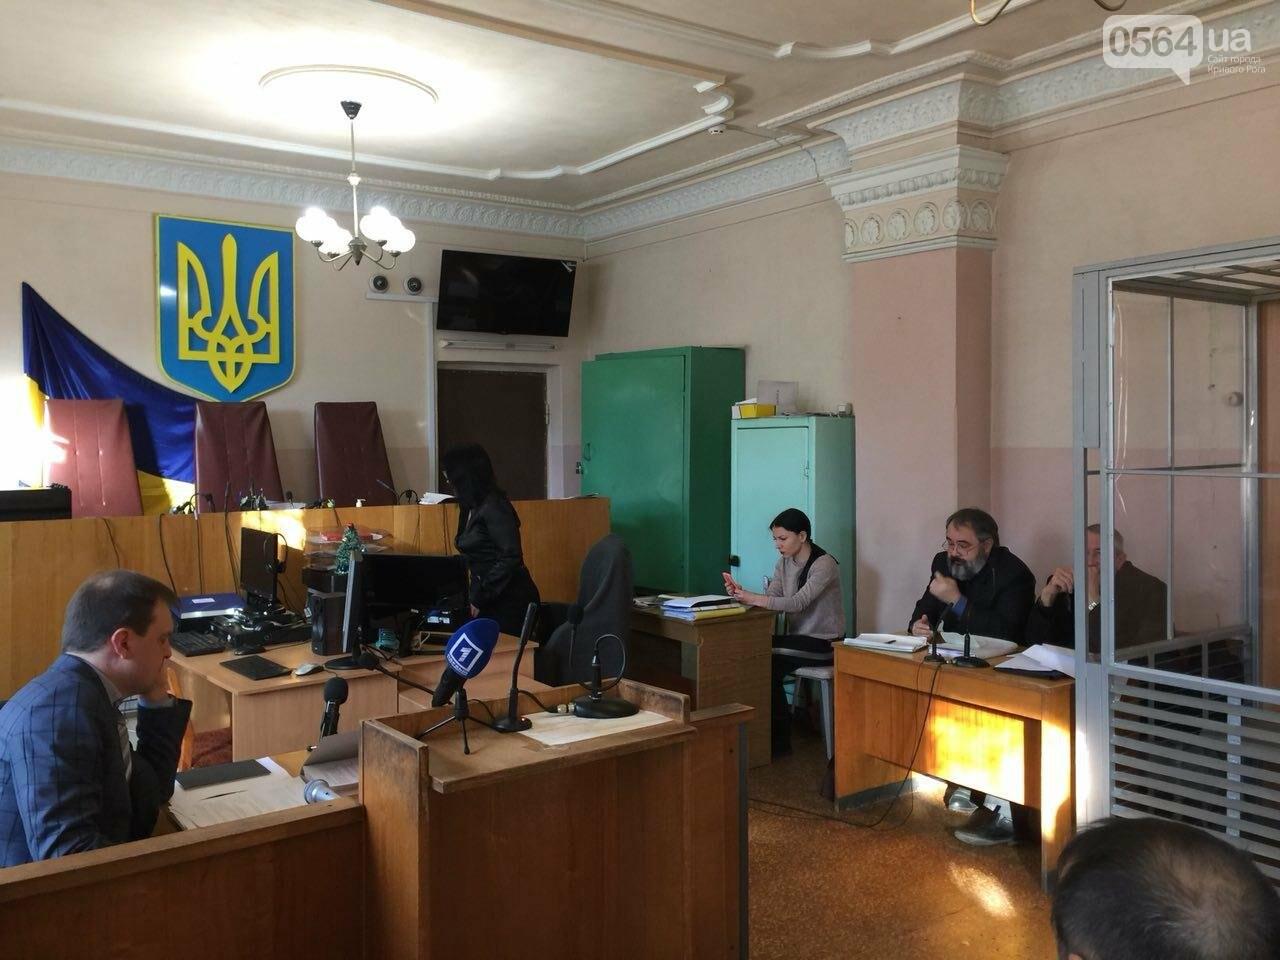 В суде по делу тяжело раненого криворожского журналиста давали показания коллеги и заместитель военкома (ФОТО), фото-4